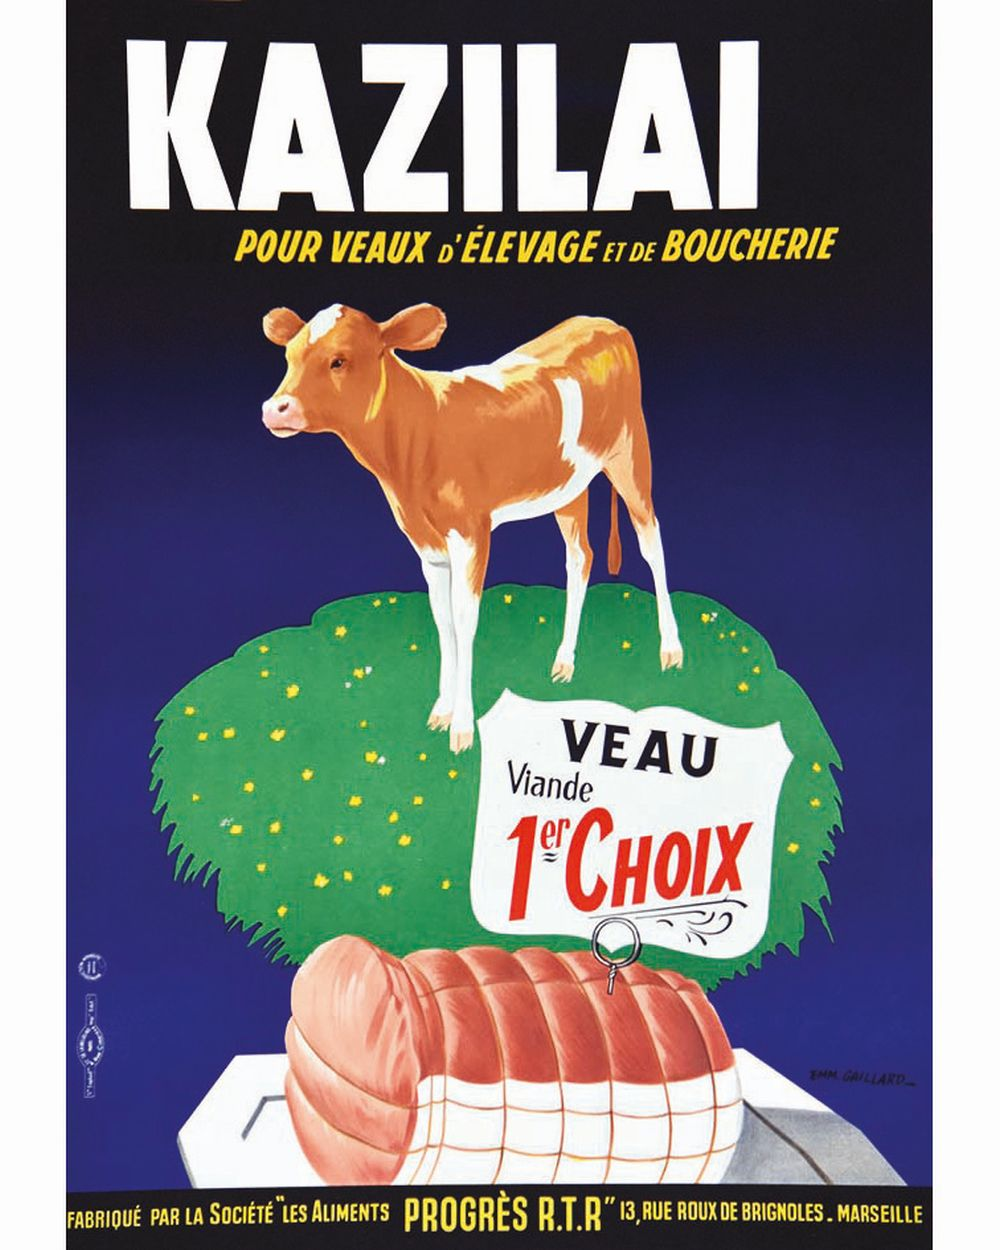 Kazilai pour veaux d'Elevage et de Boucherie - Sté les Alliments Progrès RTR 13 r. Roux De Brignoles     vers 1950  Marseille (Bouches du Rhône)